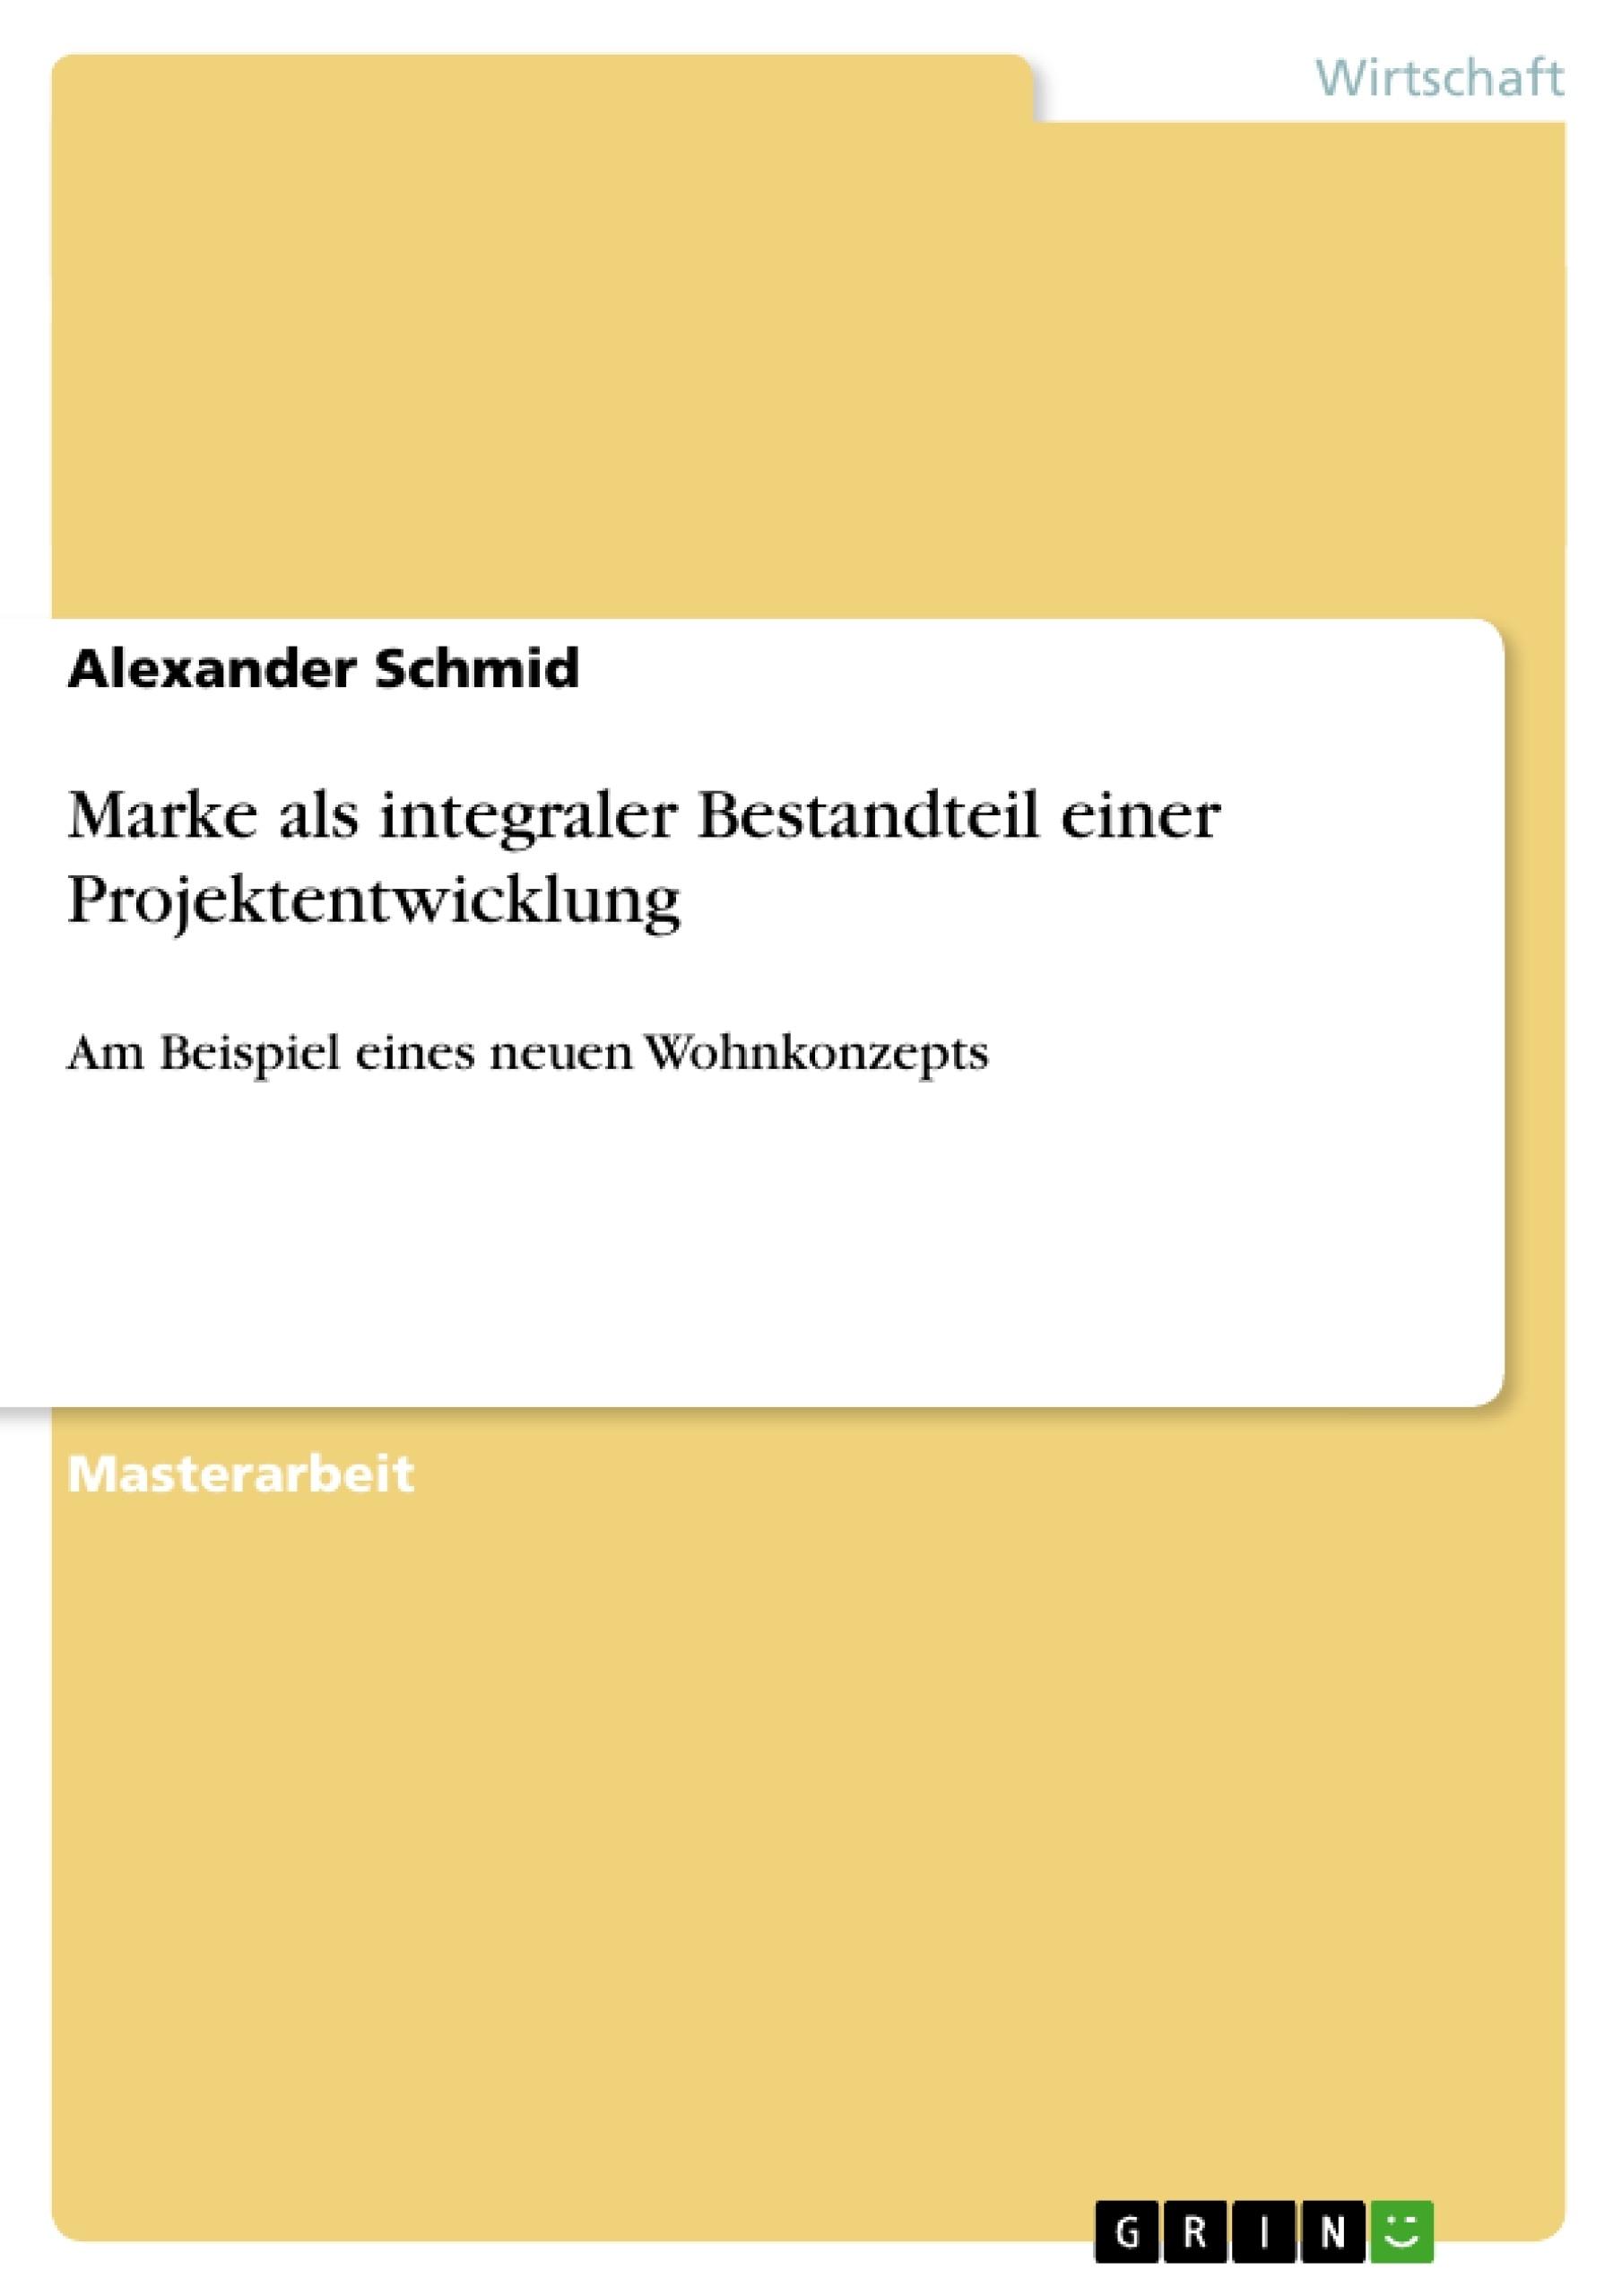 Titel: Marke als integraler Bestandteil einer Projektentwicklung